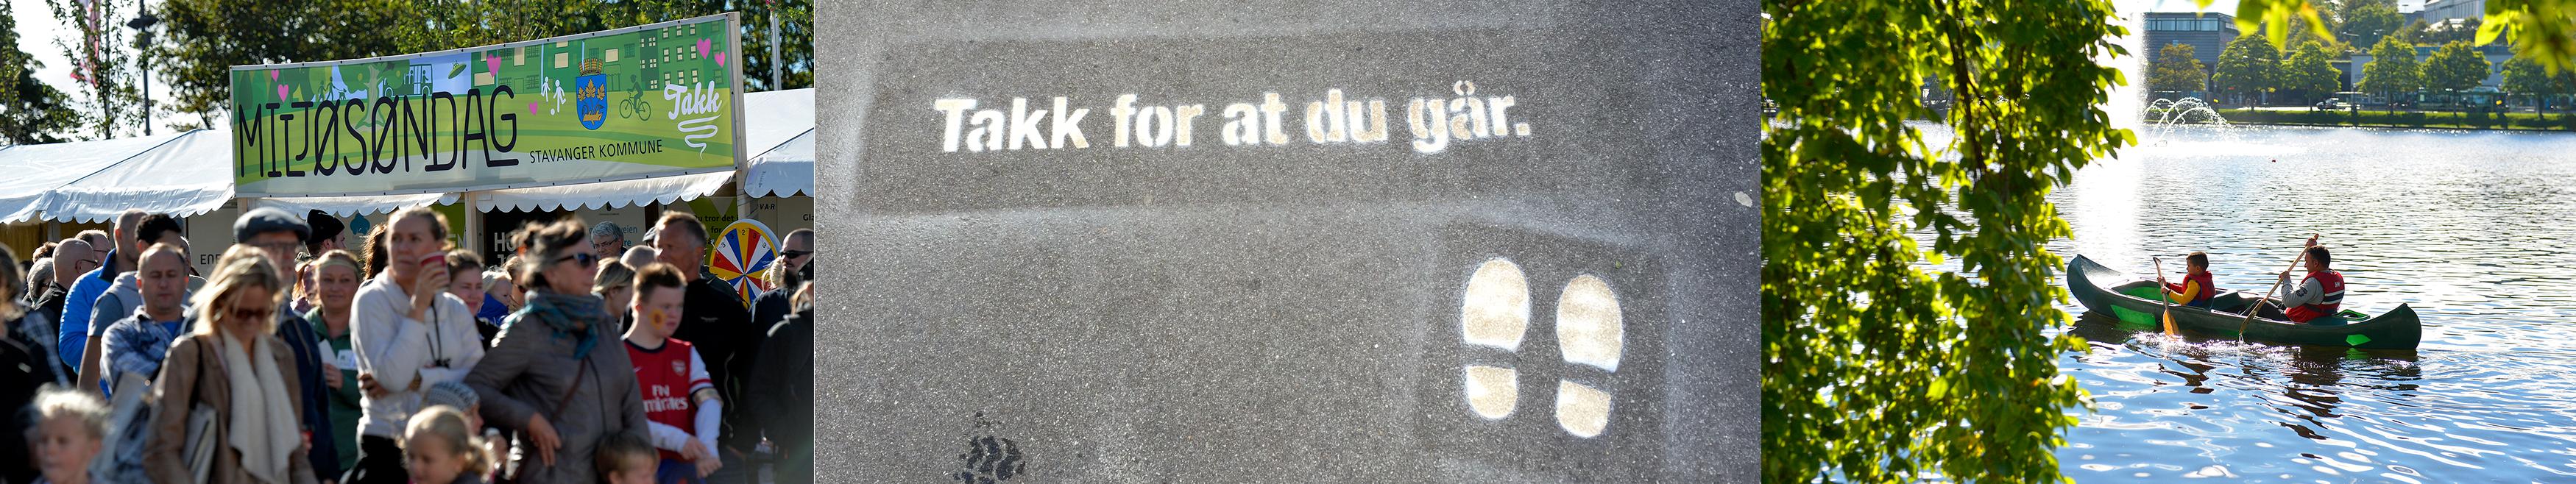 Miljo Og Klima Stavanger Kommune